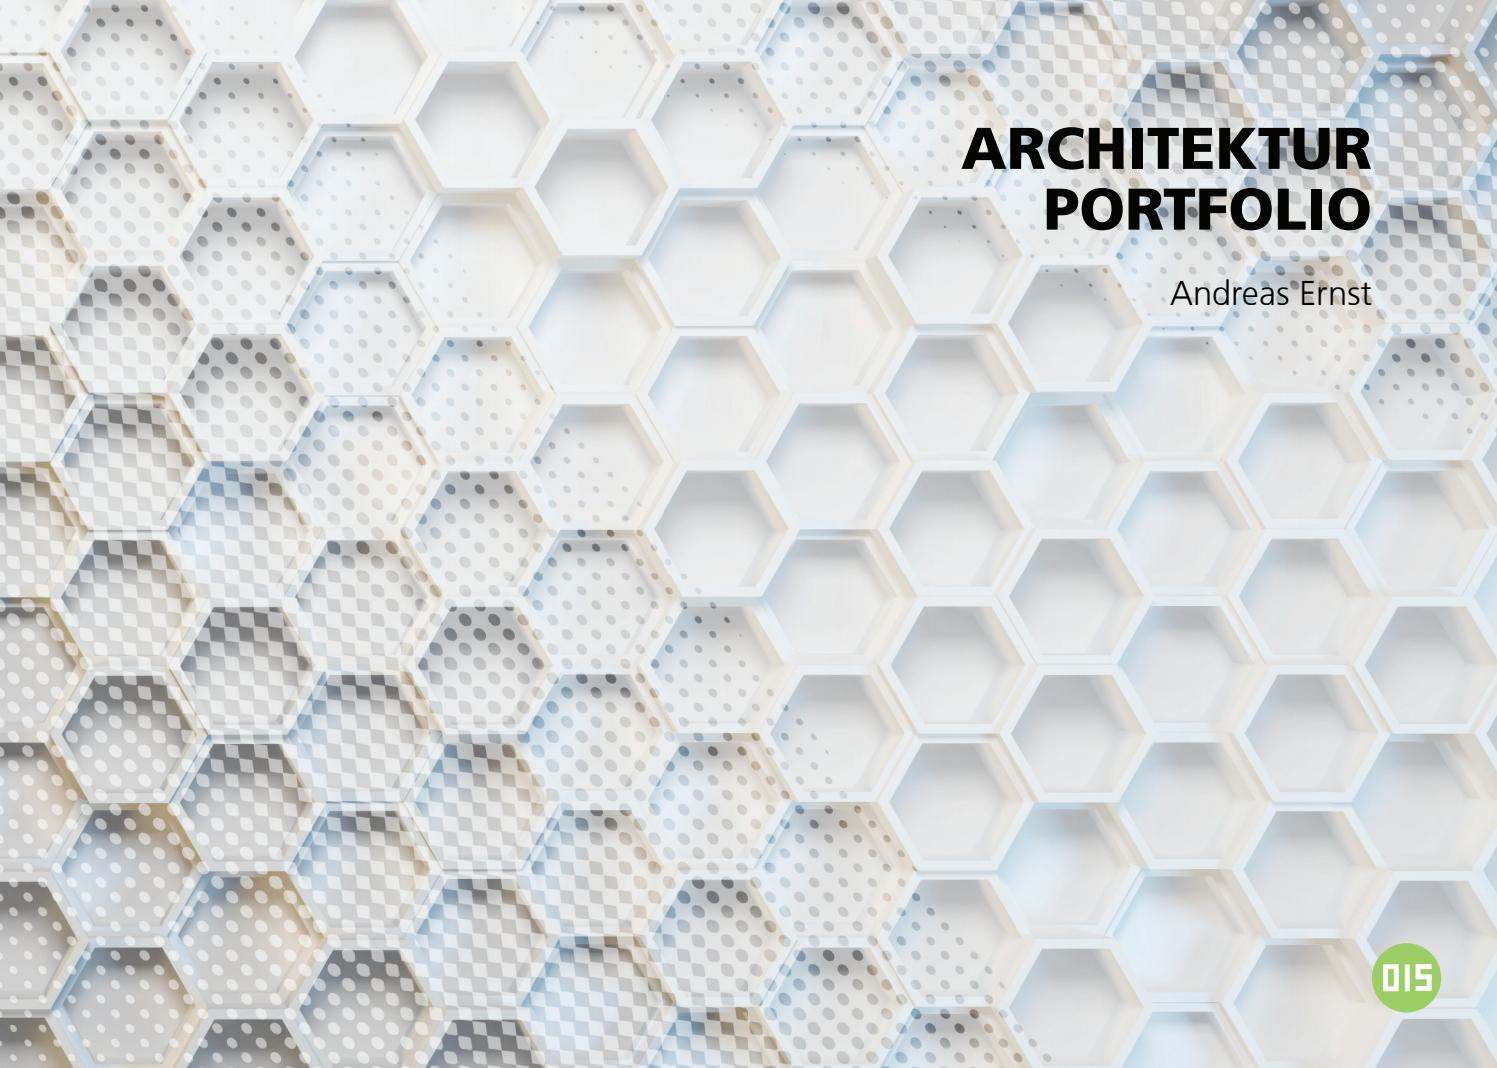 Architektur portfolio andreas ernst 2015 by andier issuu for Portfolio architektur